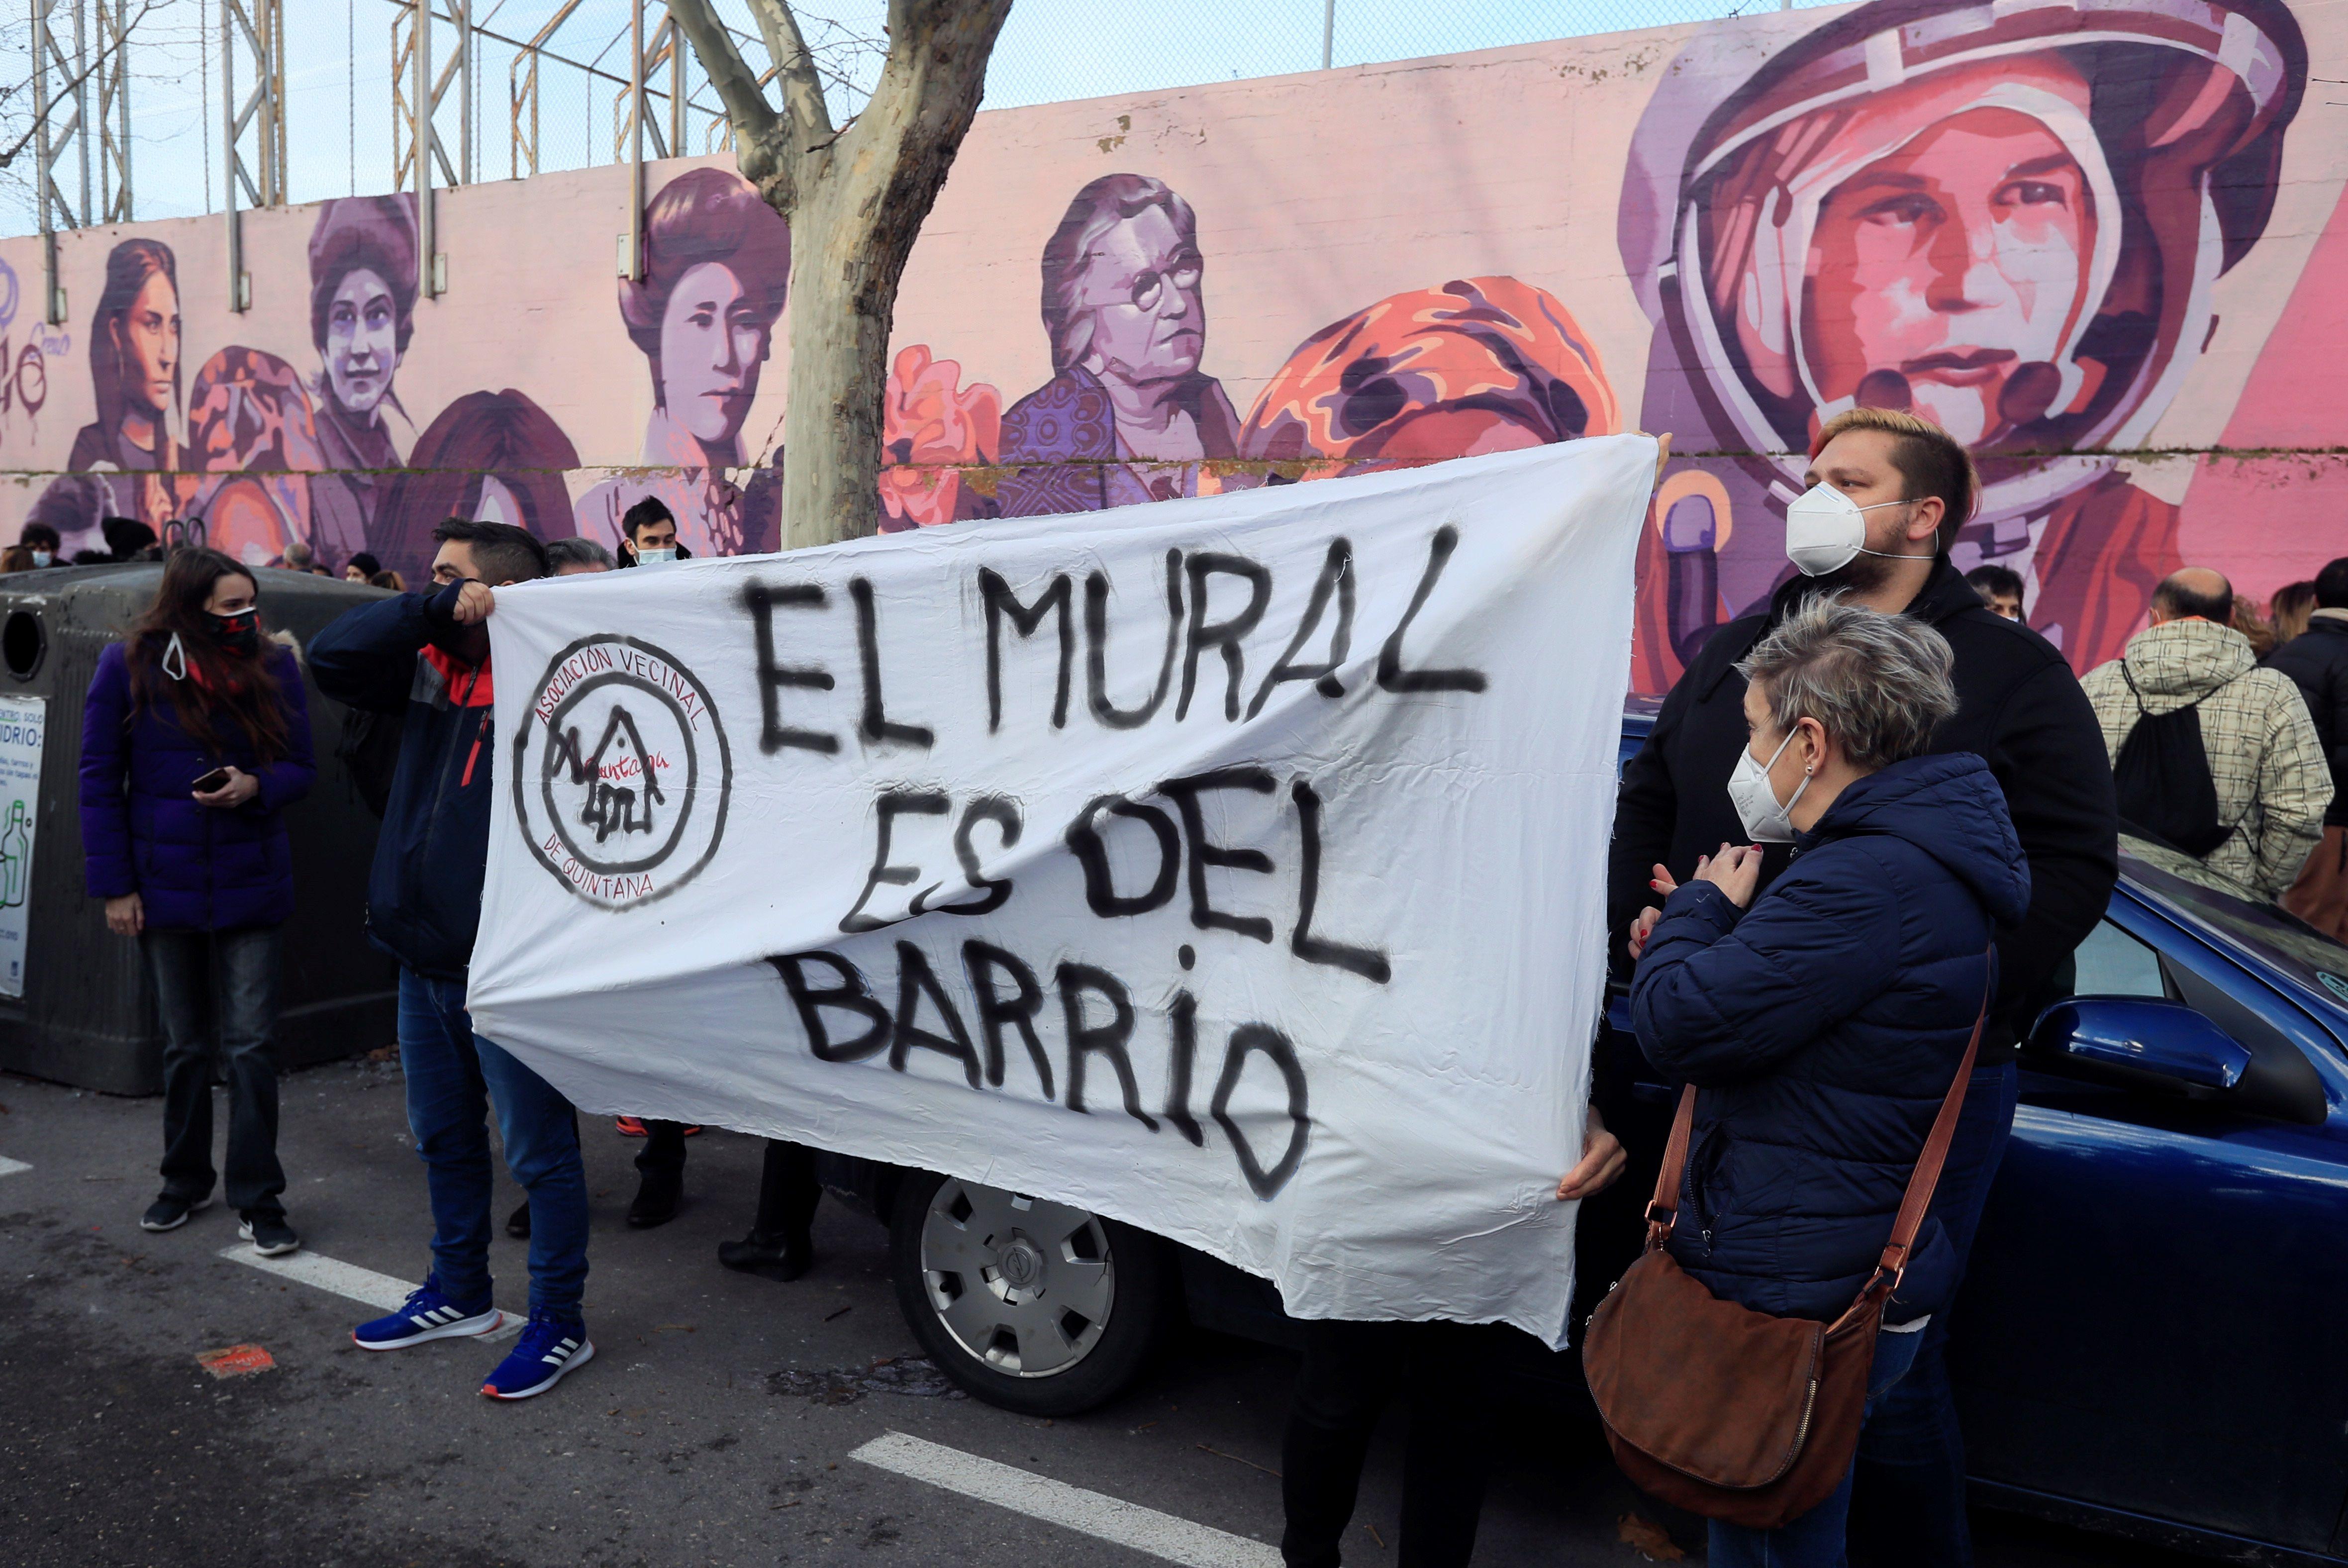 Concentración bajo el lema 'El mura se queda' en el madrileño barrio de la Concepción.